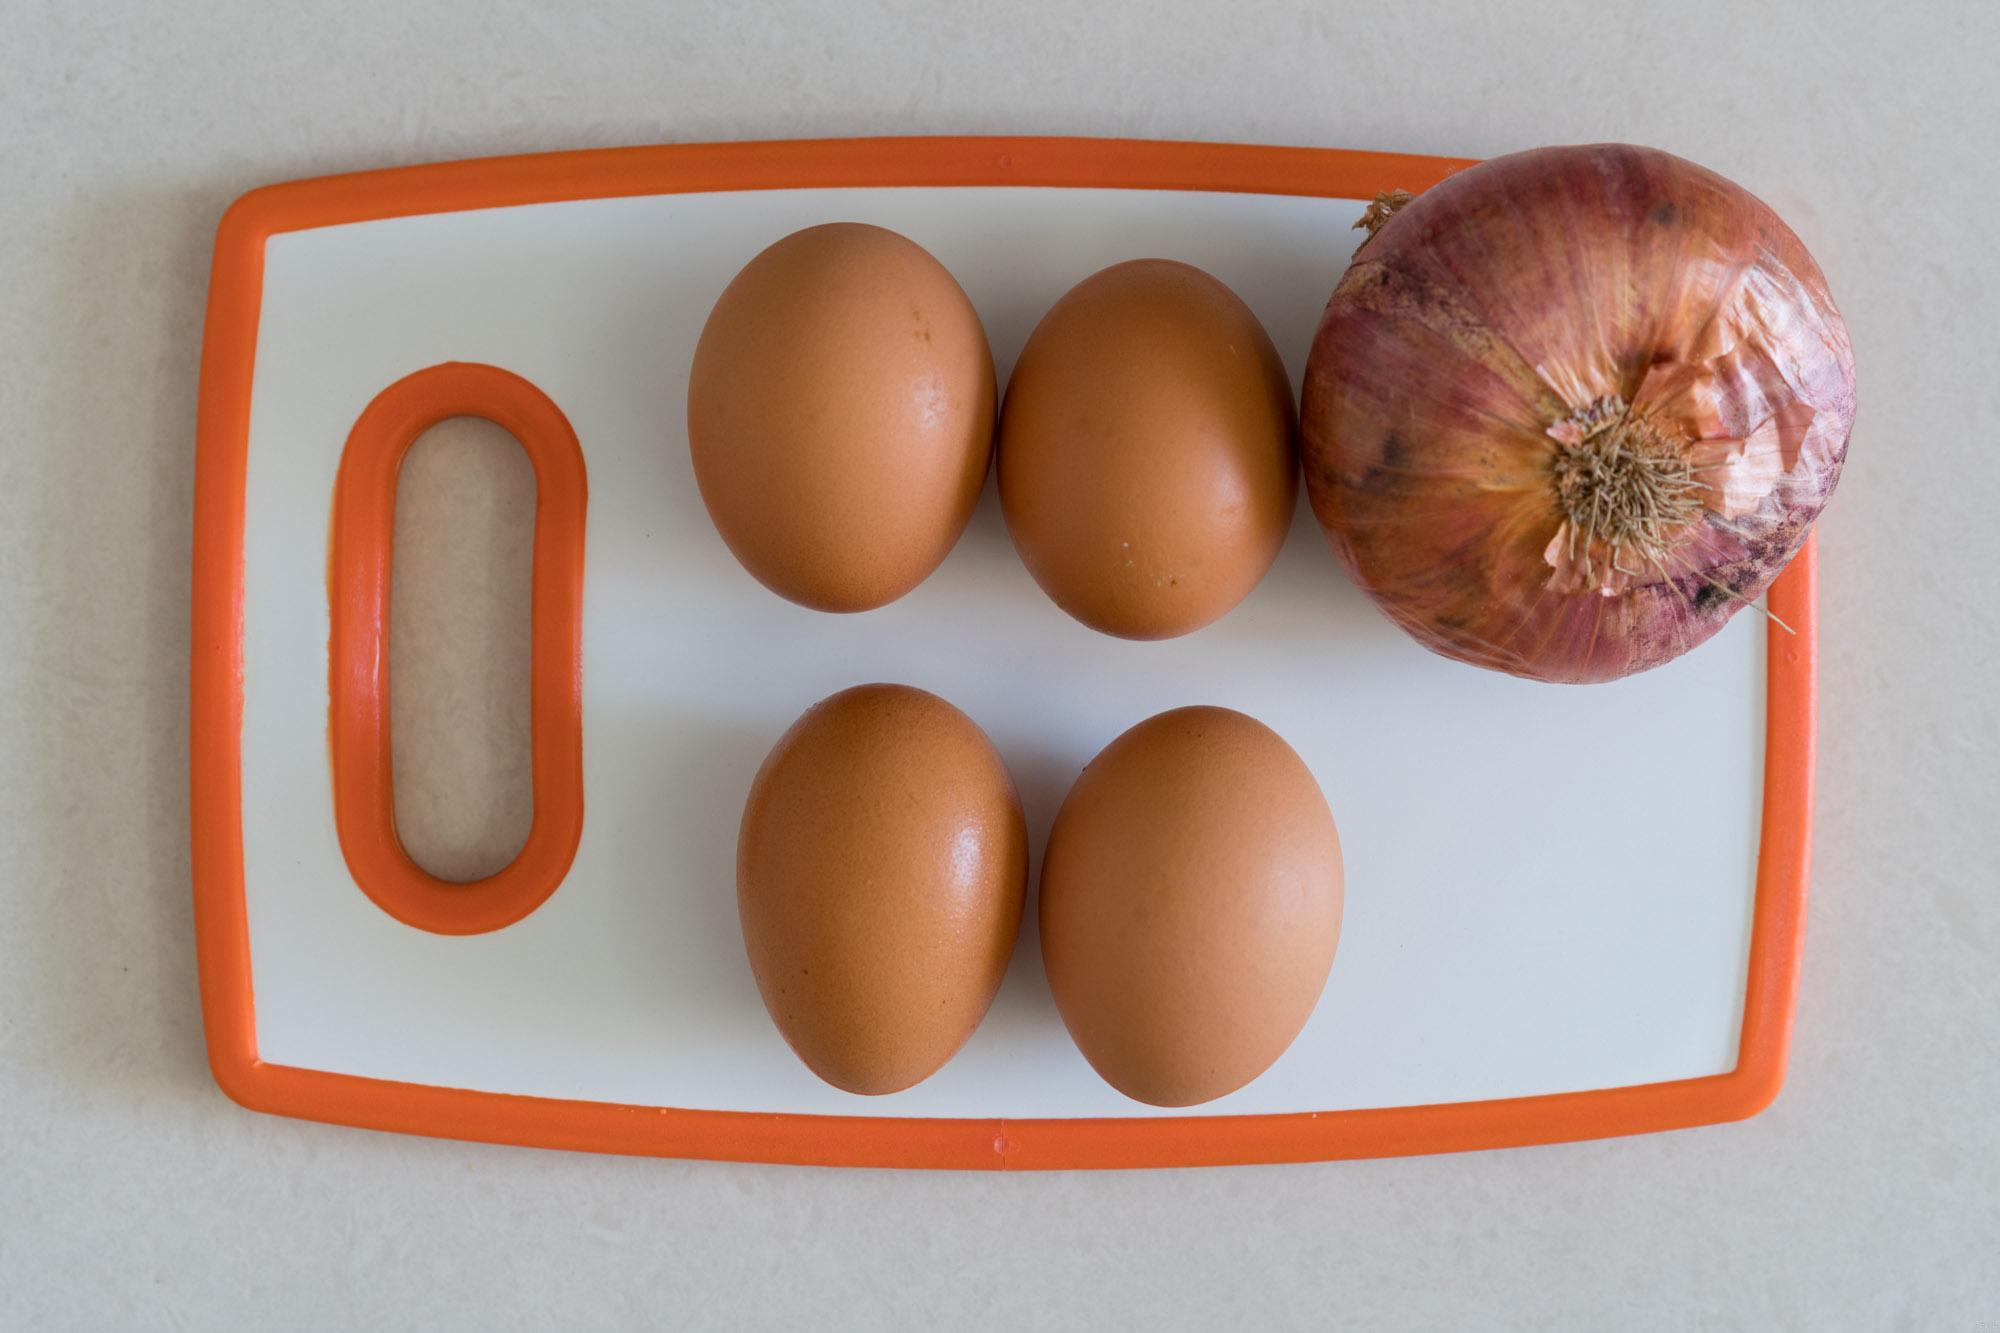 Tomato Egg 2.jpg